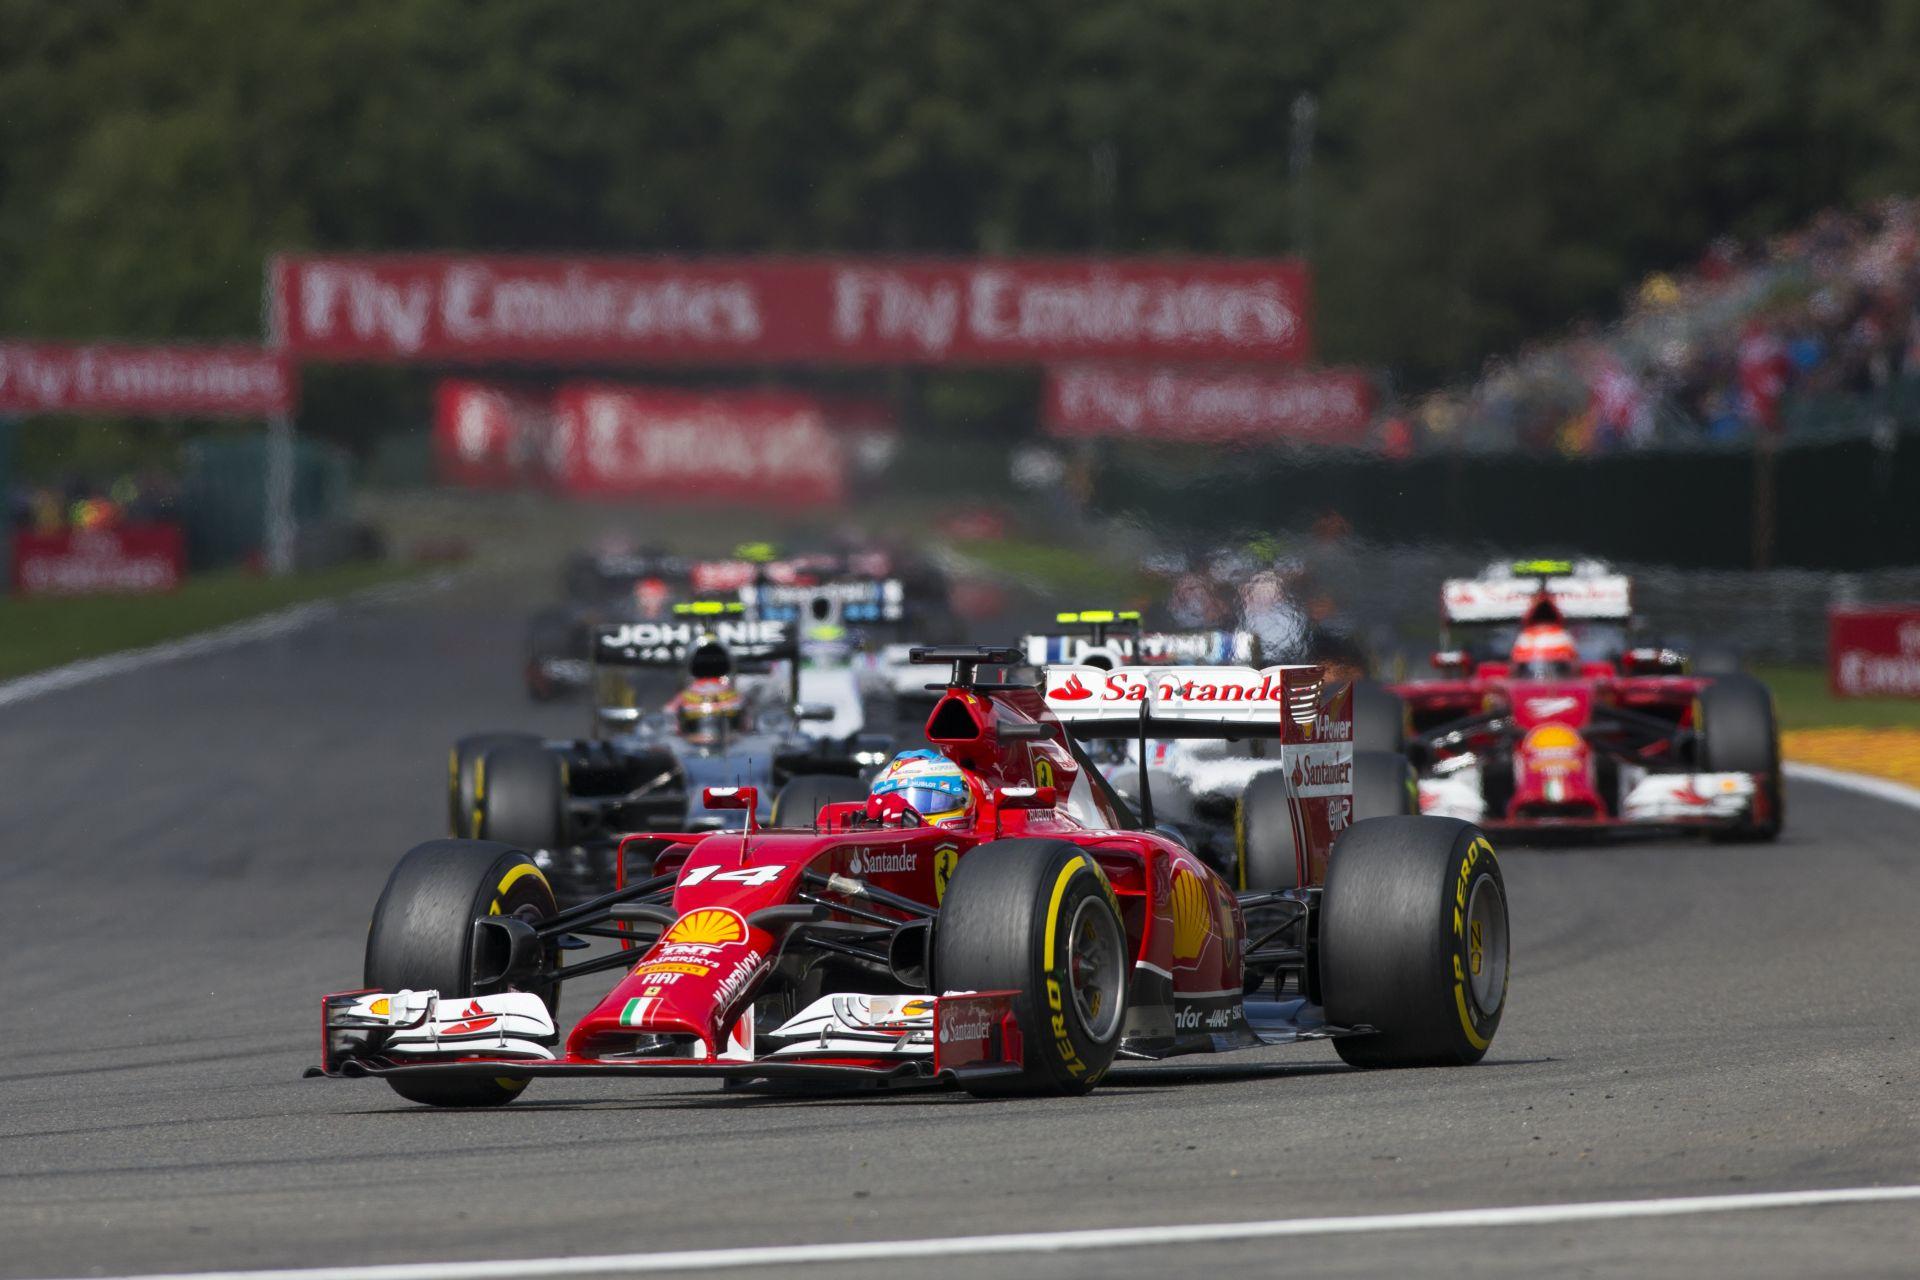 Videón Alonso startja és első köre a Belga Nagydíjról